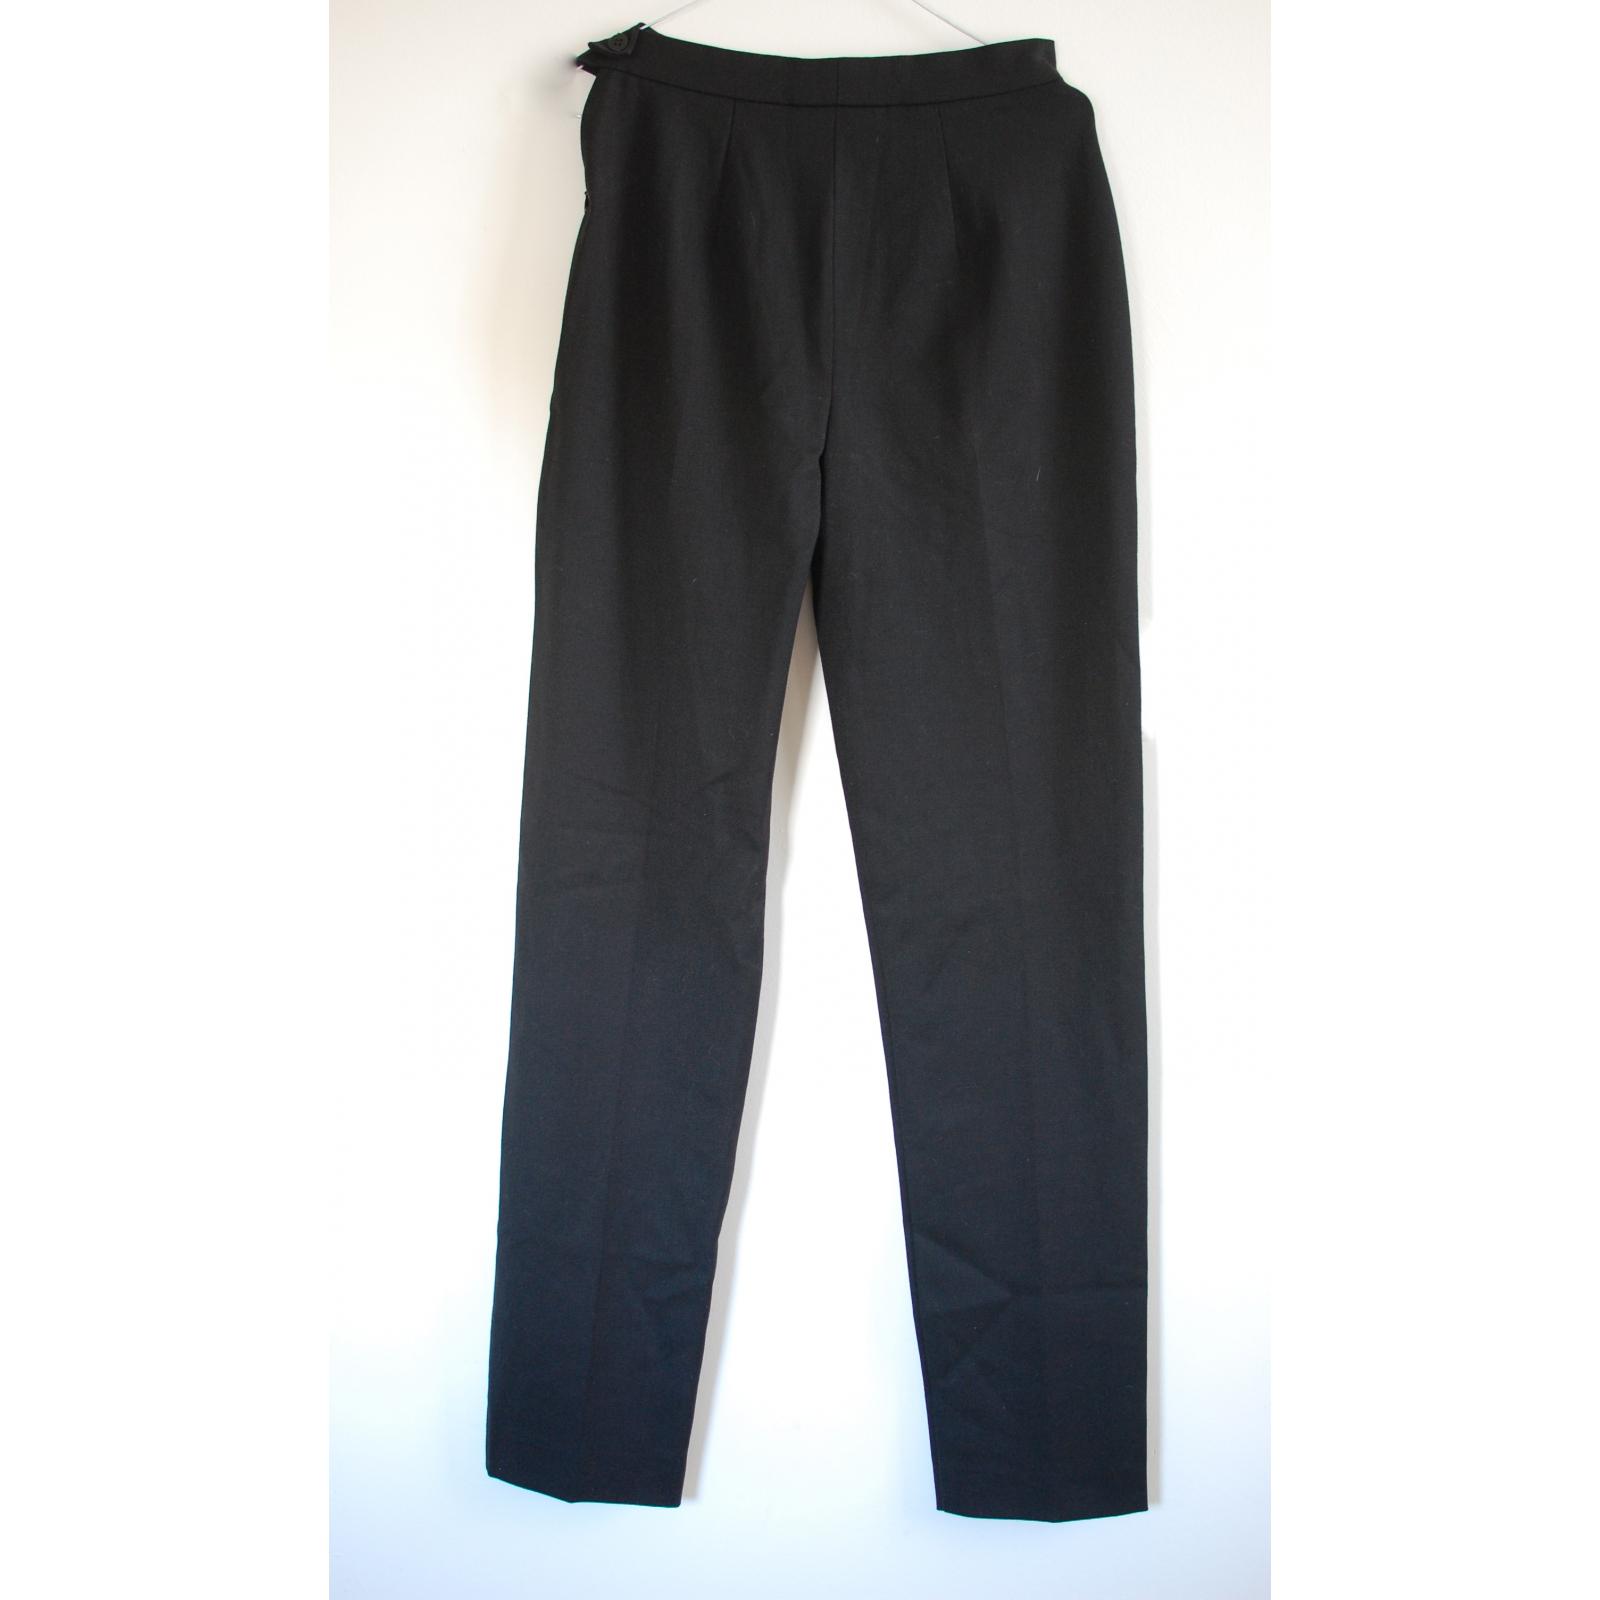 Max Mara high-waisted wool pants